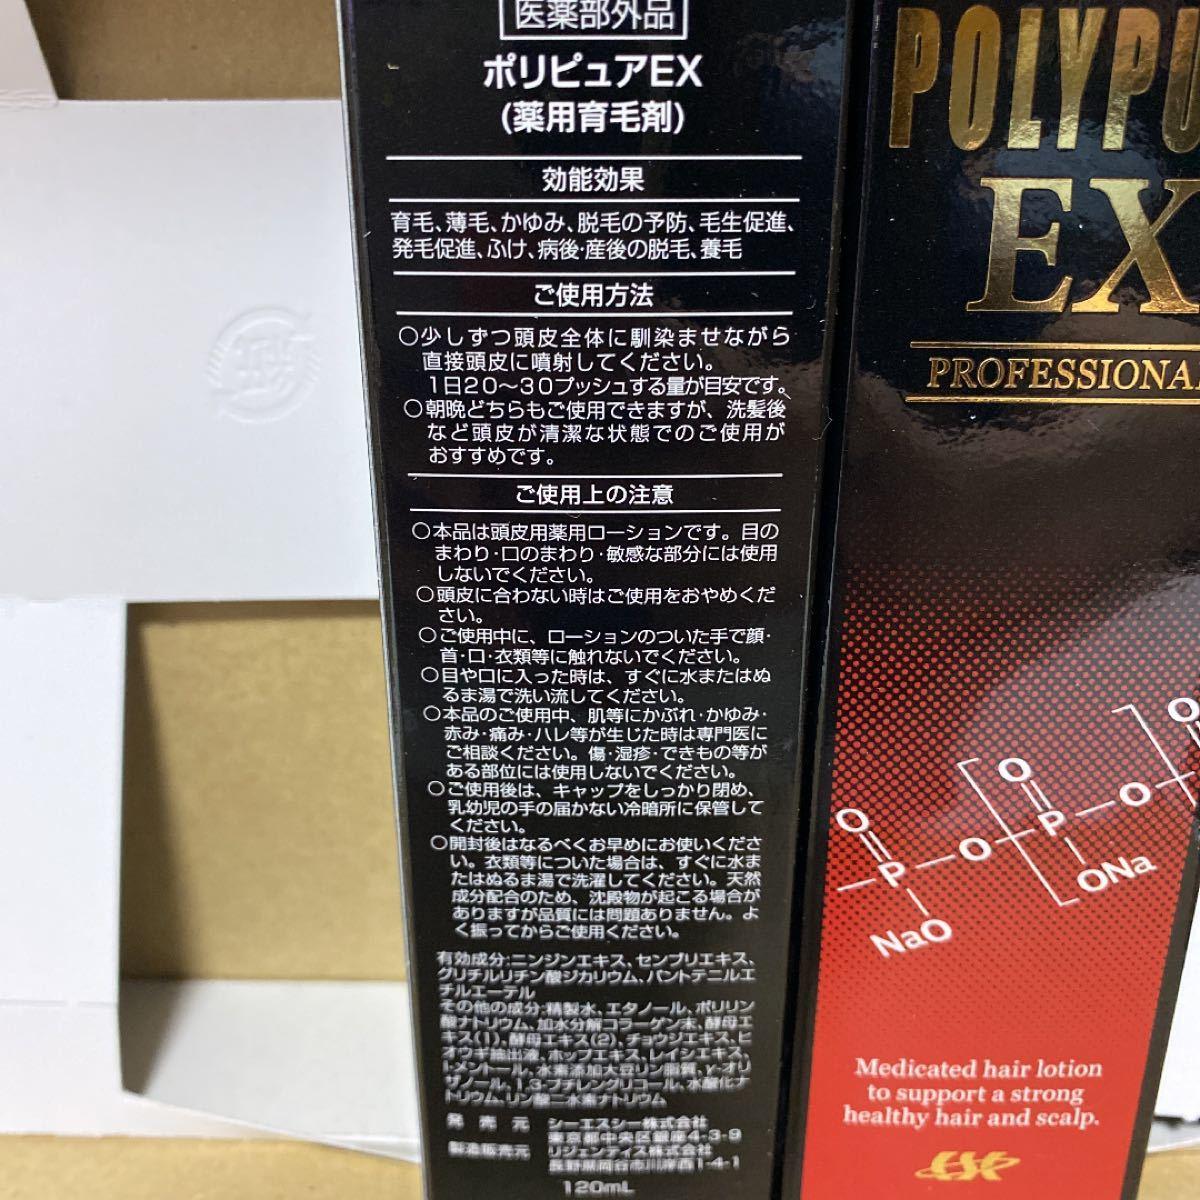 ポリピュアEX 【2本セット】